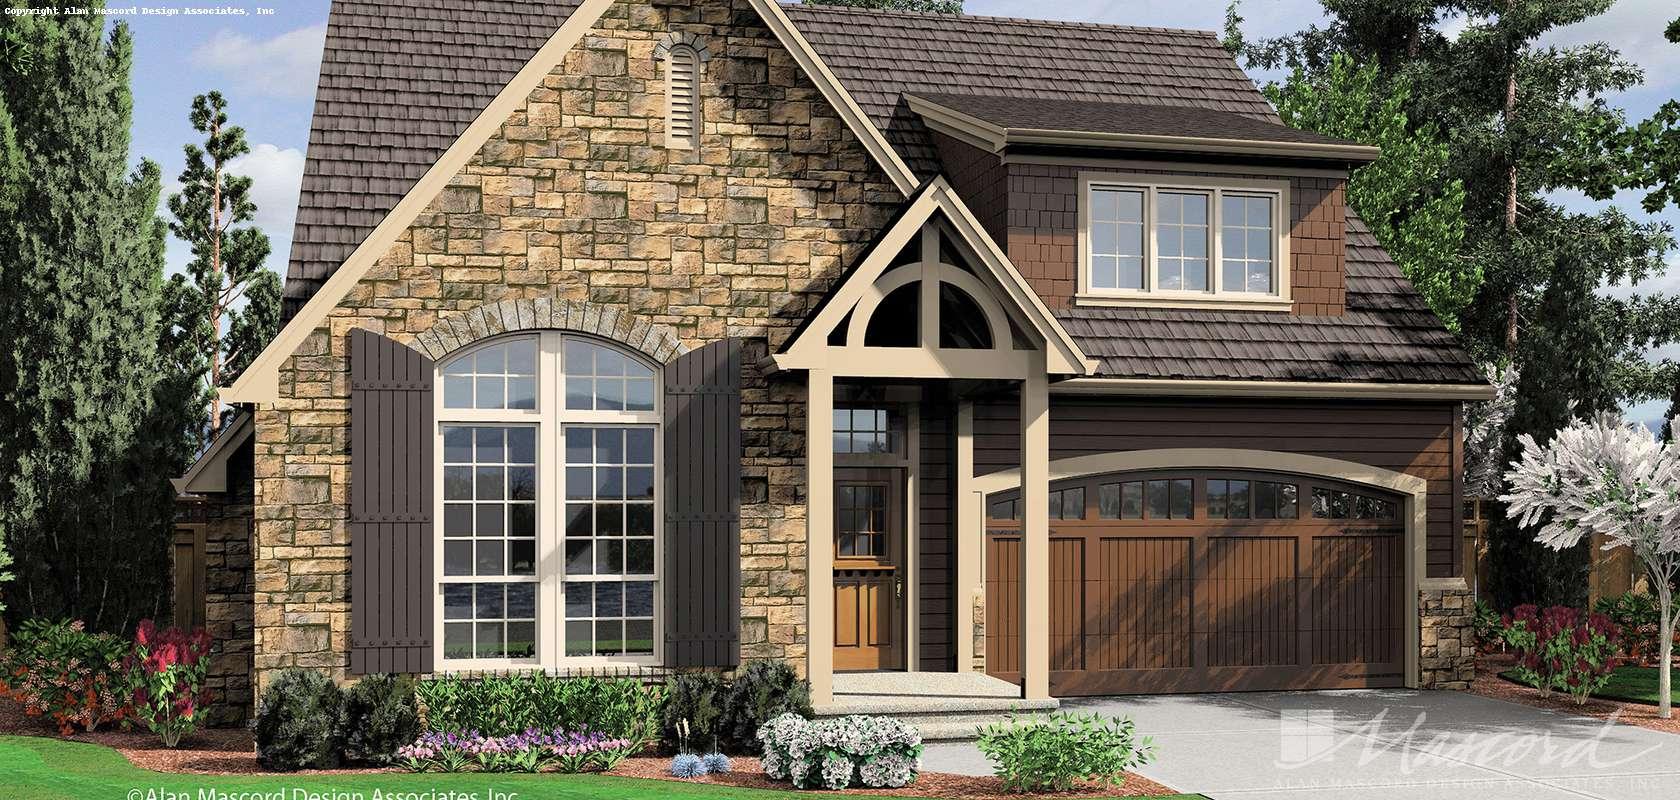 Mascord House Plan B22159A: The Caldwell